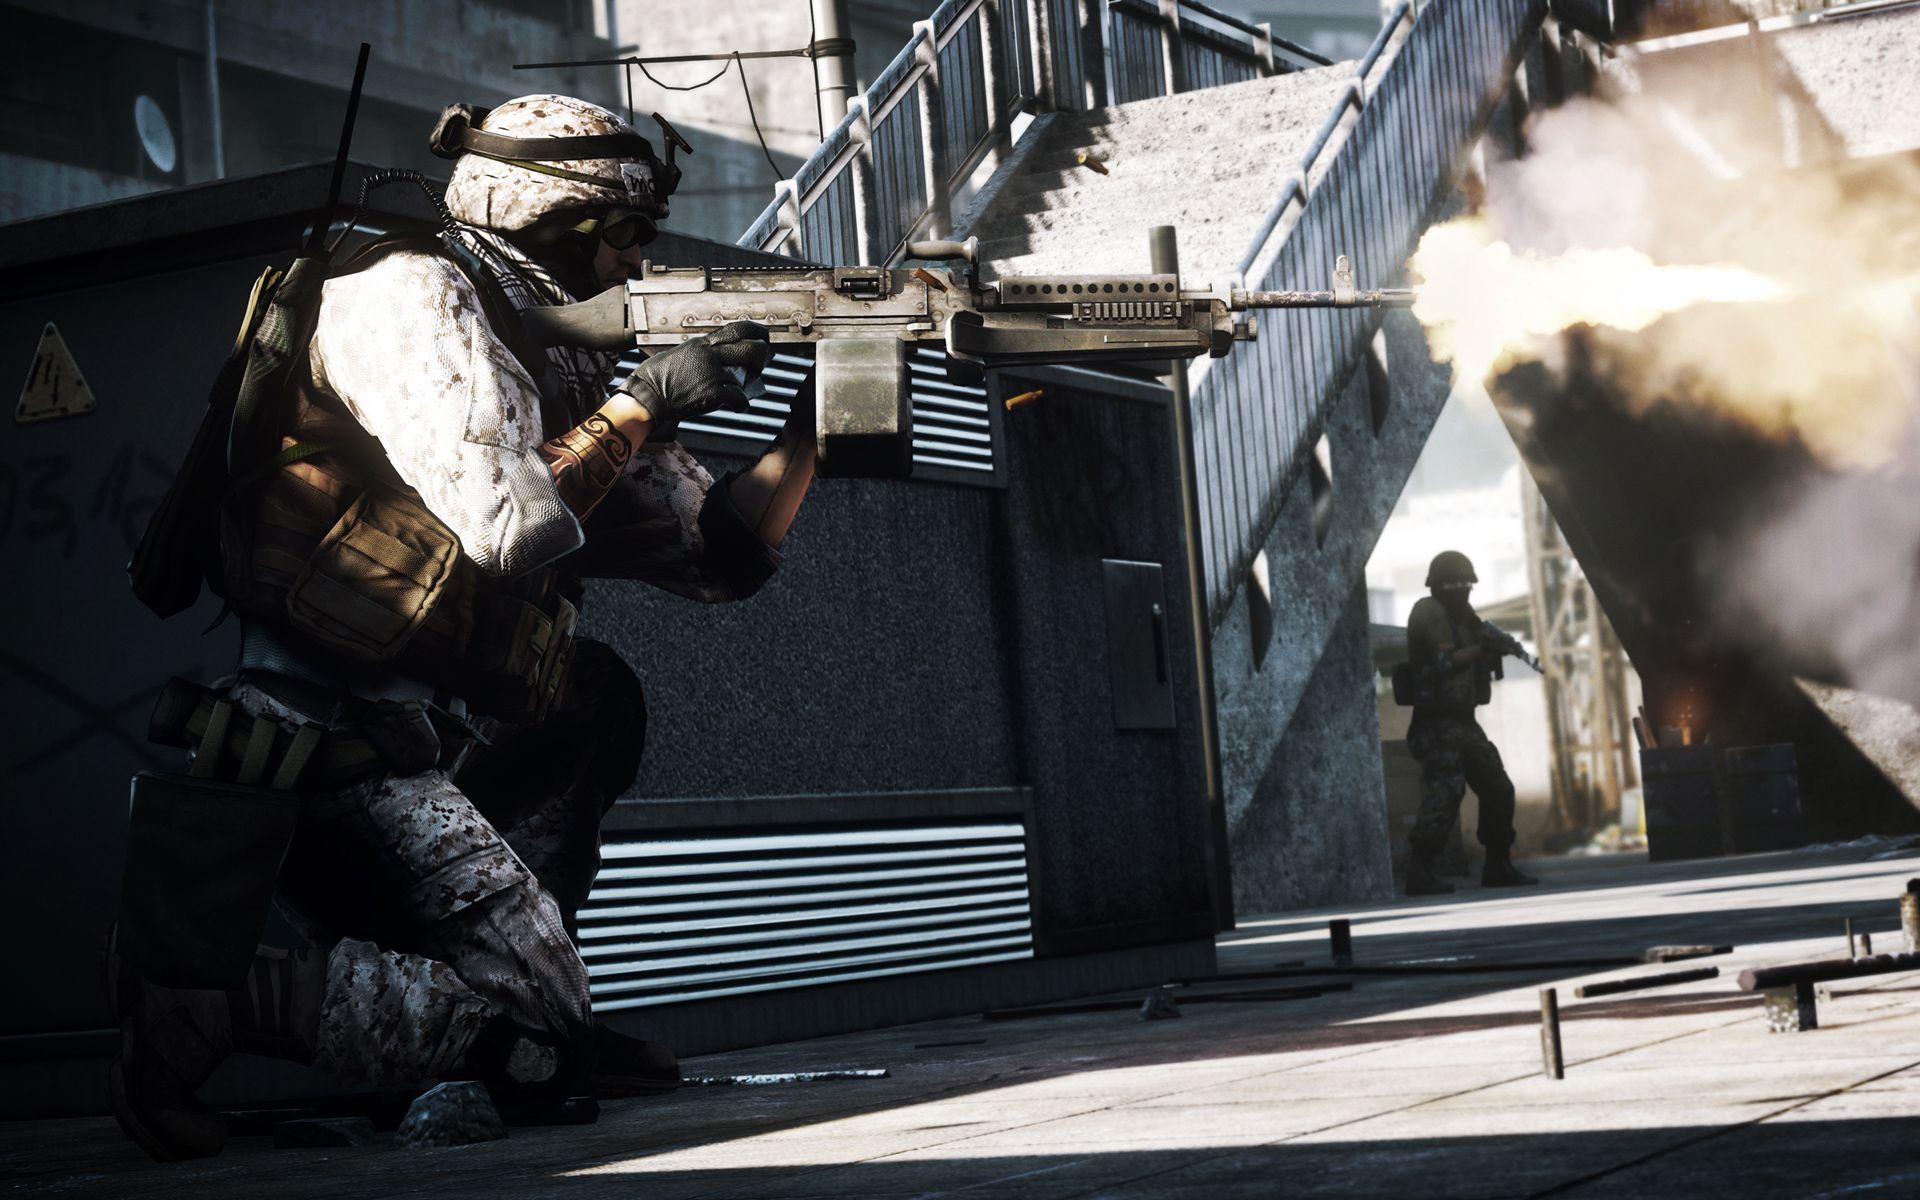 Battlefield 3 Mission 2 Wide Battlefield Battlefield 3 4k